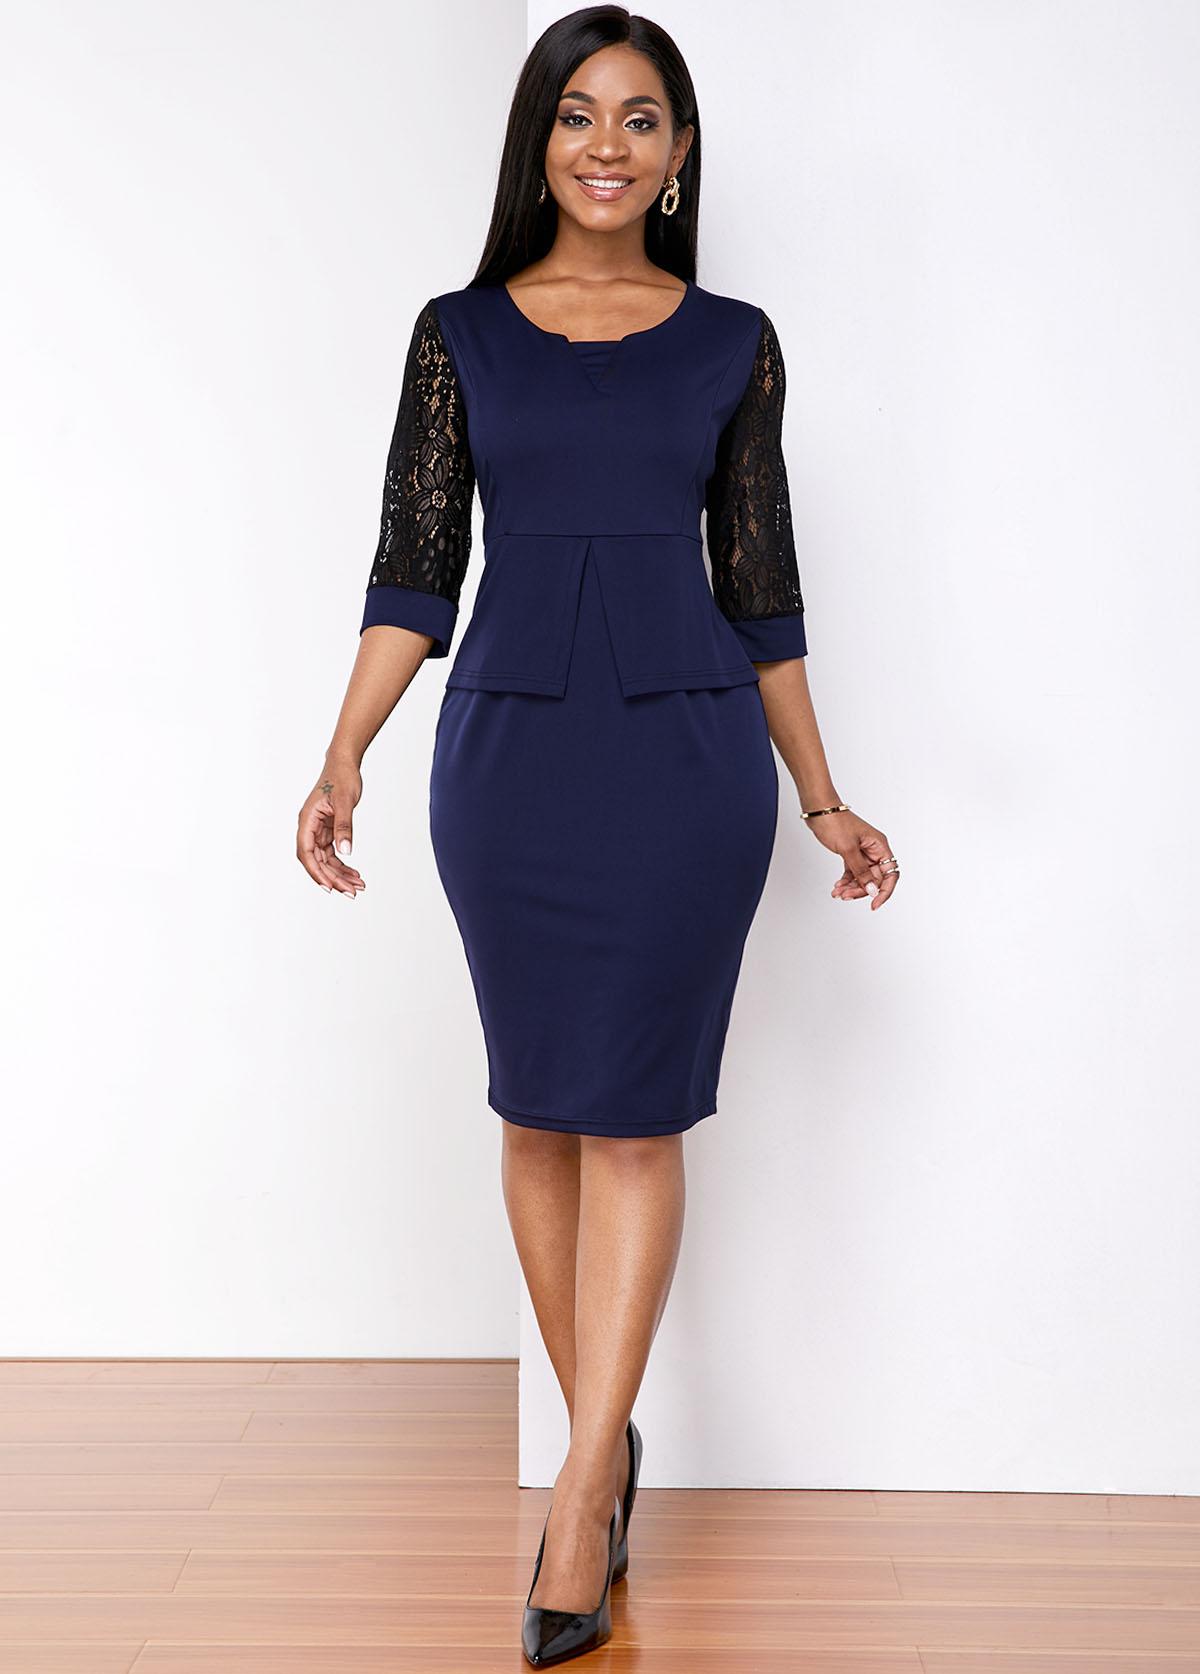 ROTITA Peplum Waist Lace Stitching Bodycon Dress